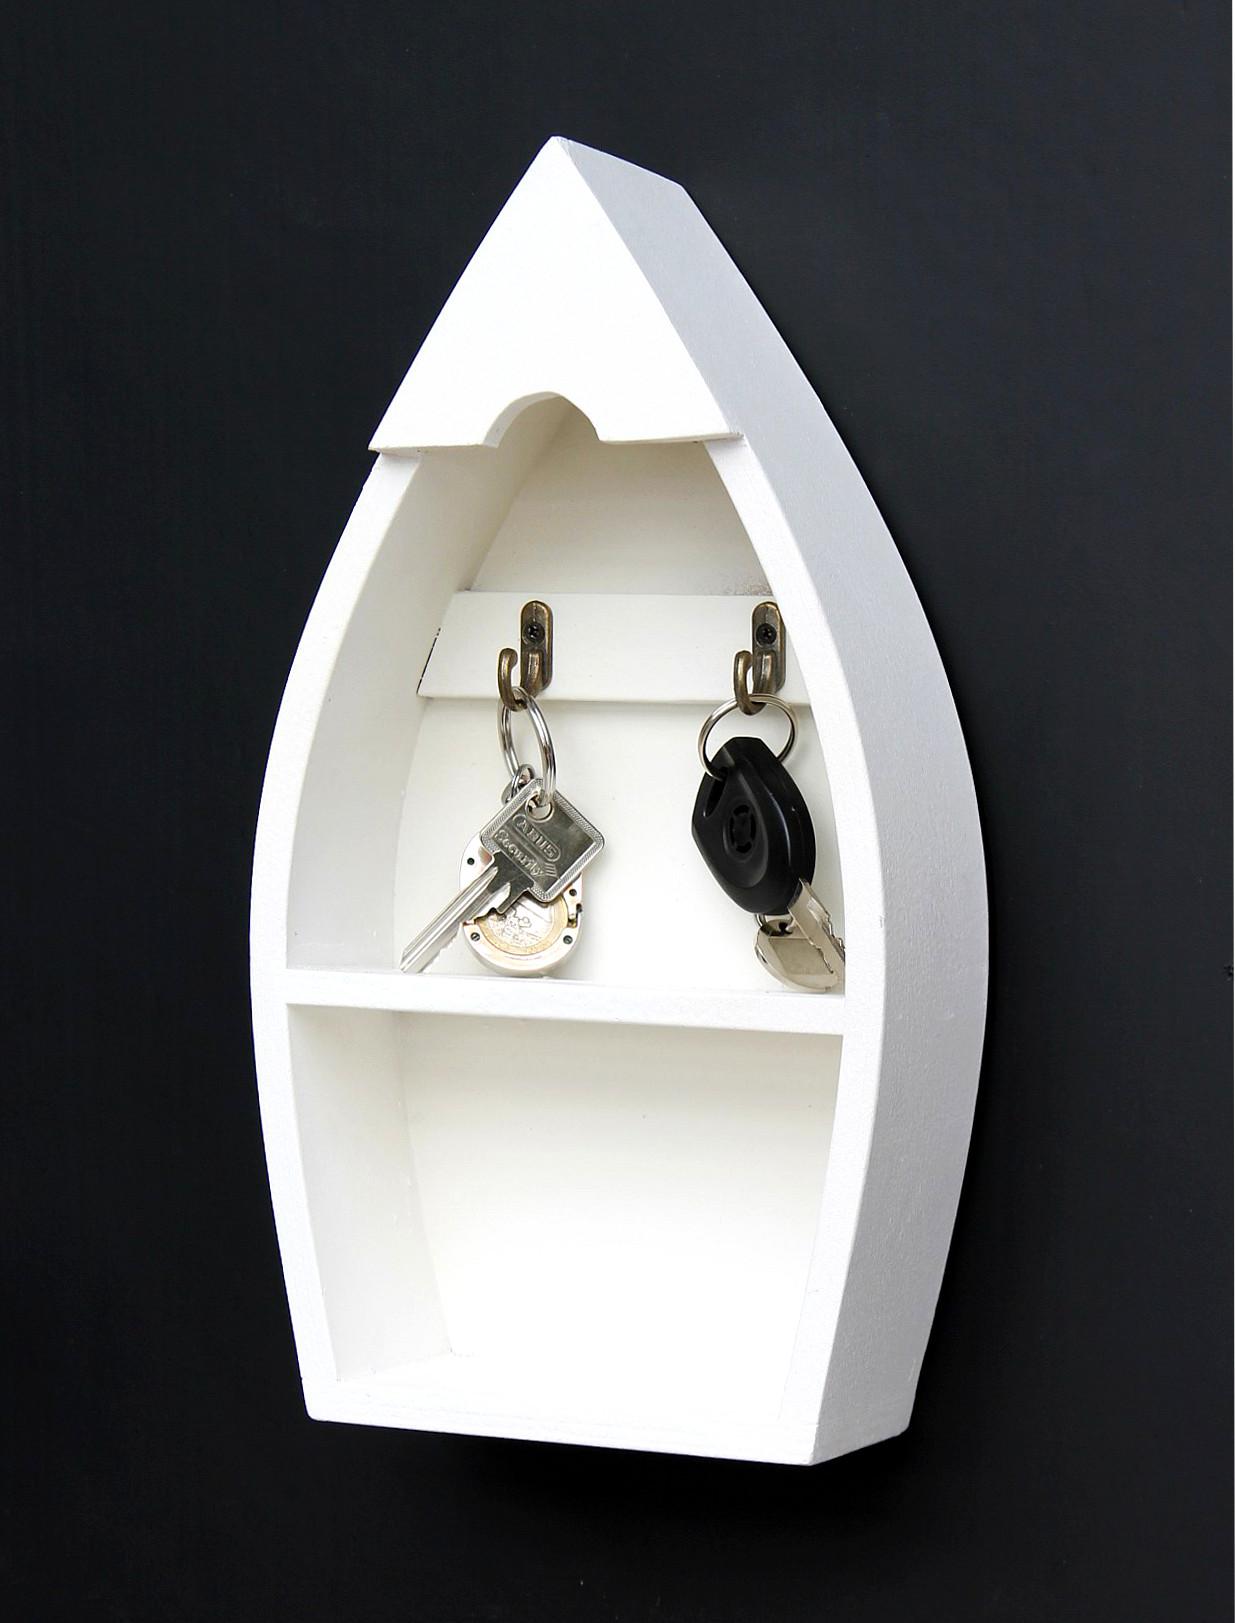 schl sselboard mit ablage boot 93541 s schl sselhaken. Black Bedroom Furniture Sets. Home Design Ideas